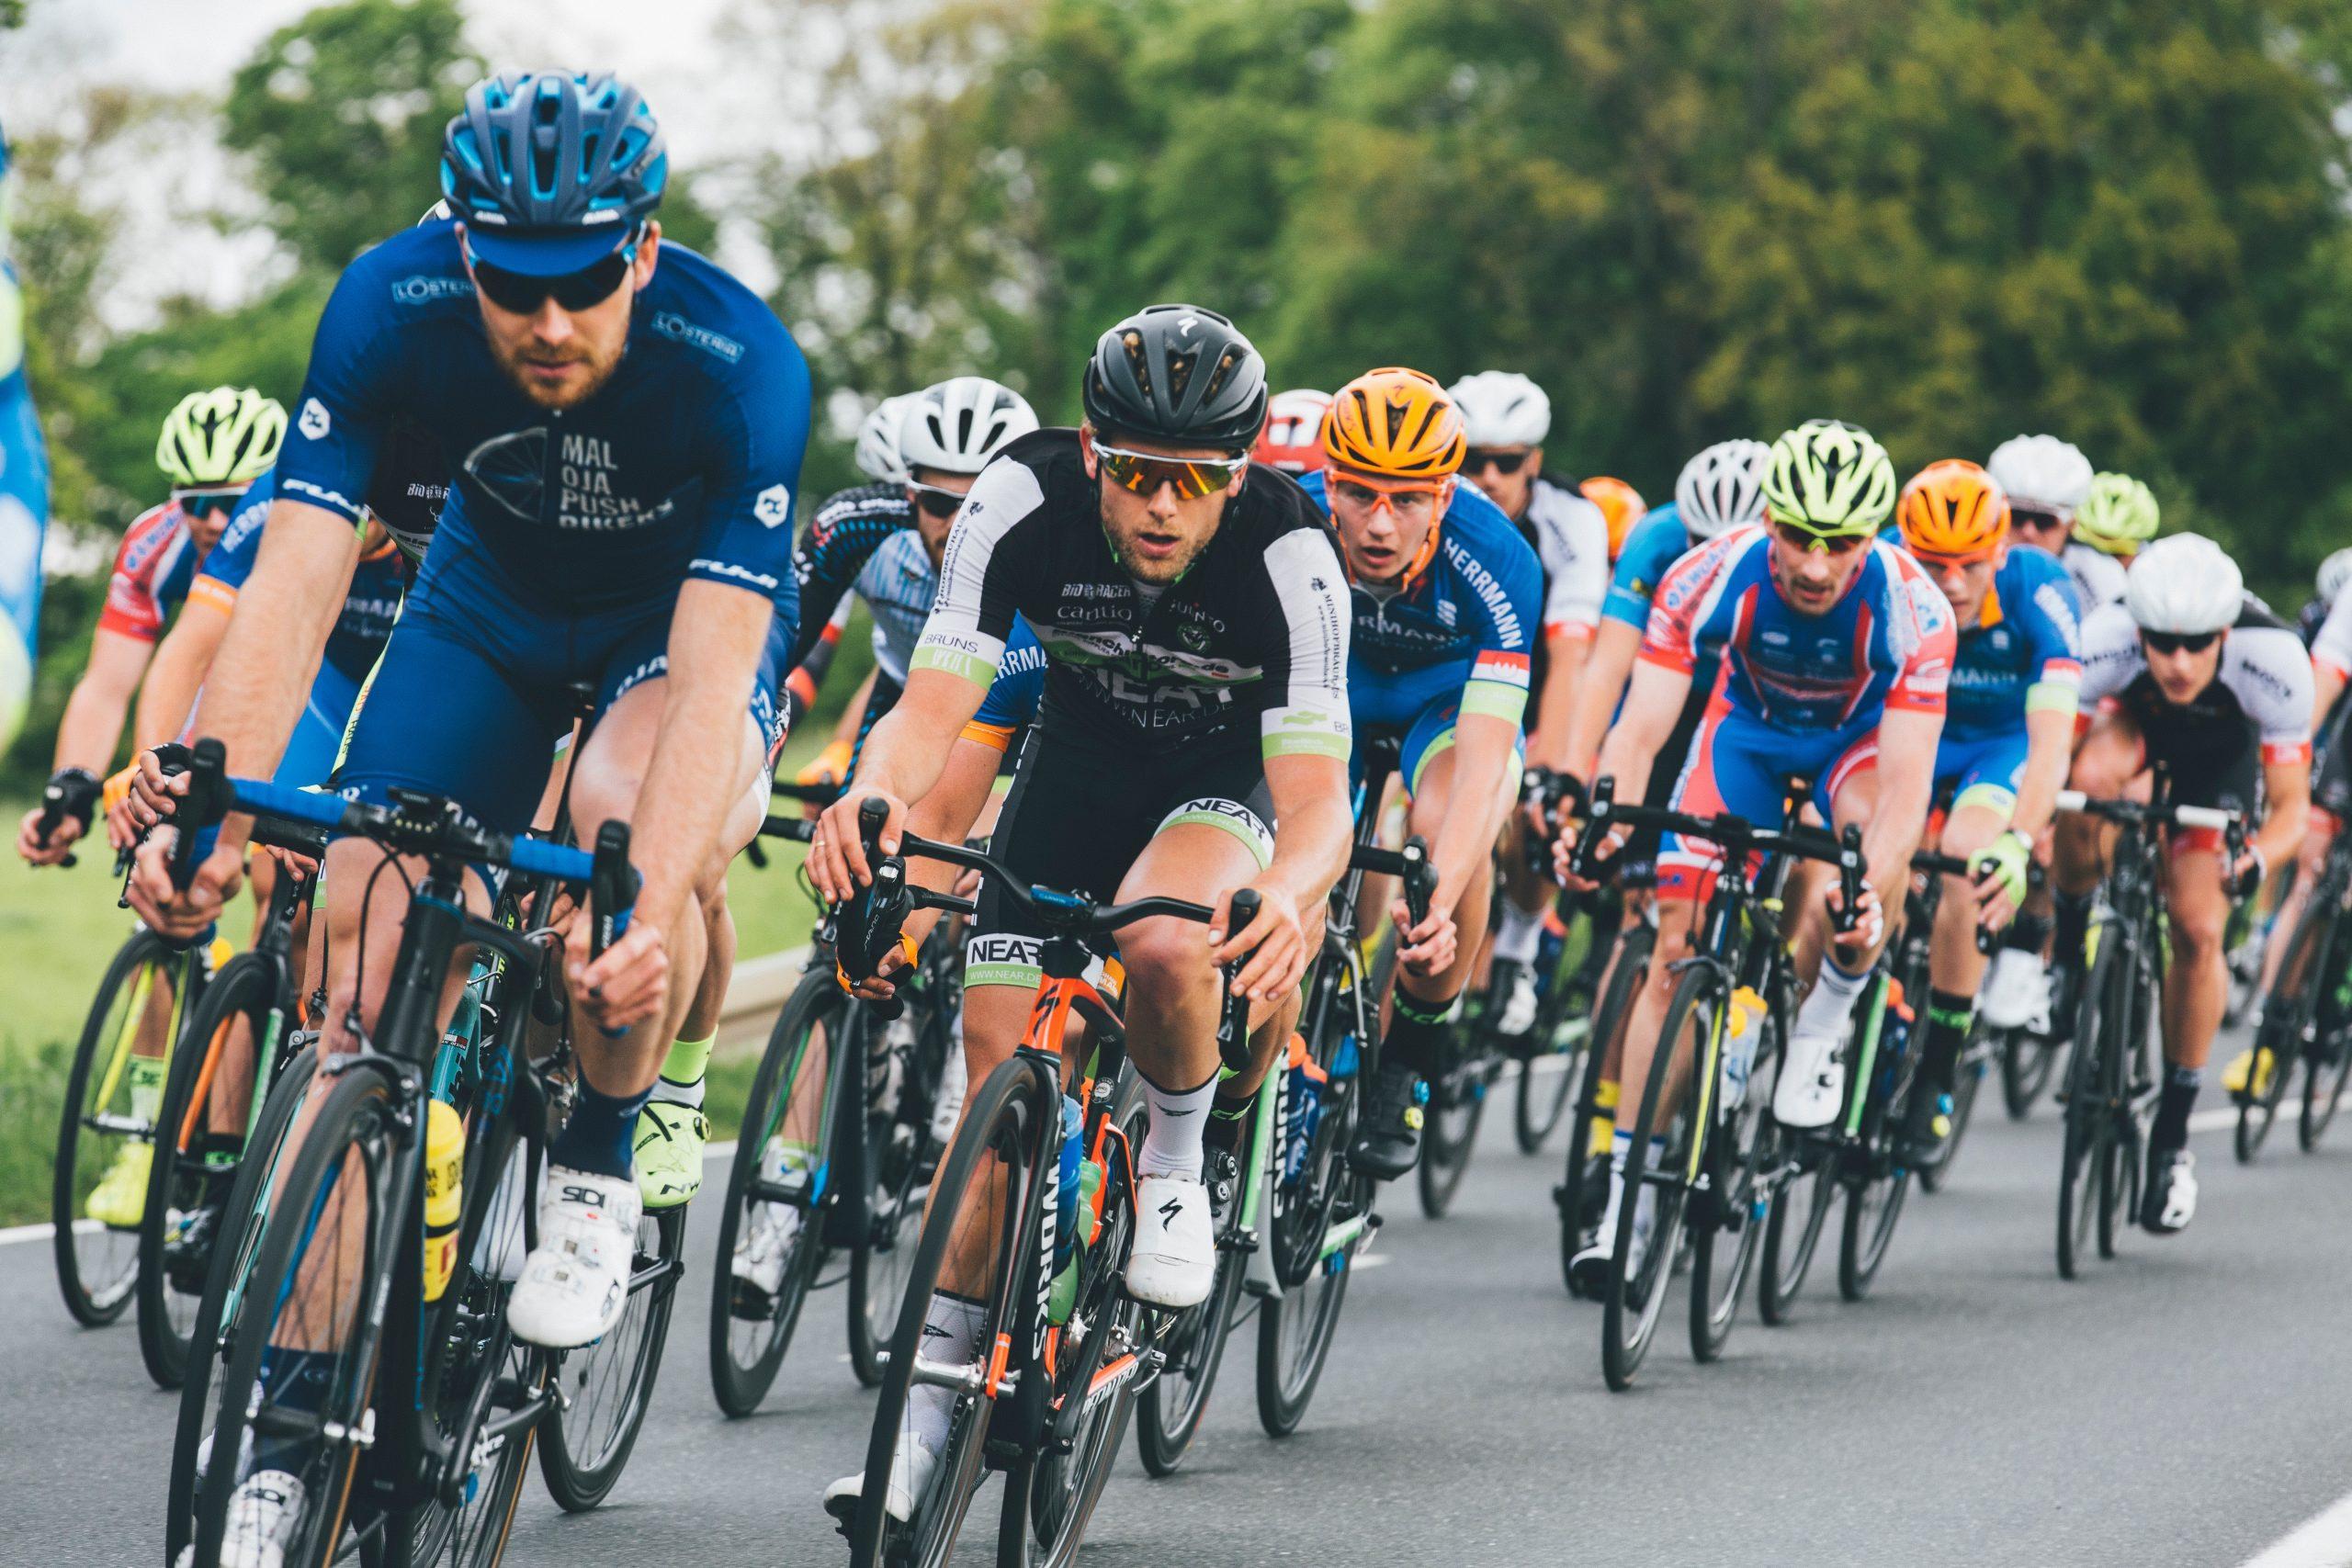 Imagem de um grupo de ciclistas.